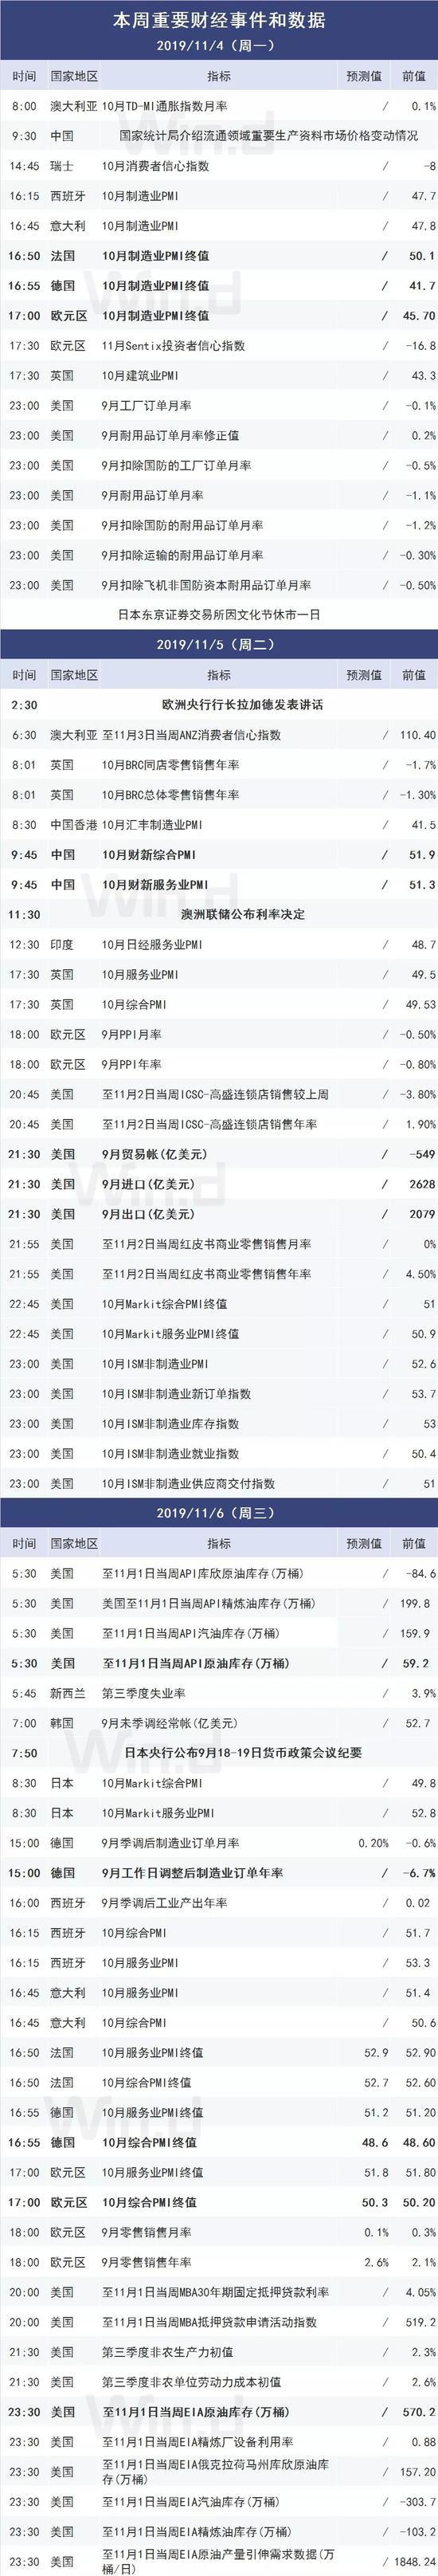 k8凯发集团官网开户 - 阅文大跌11% 盘前现2800万卖出交易指向凯雷集团